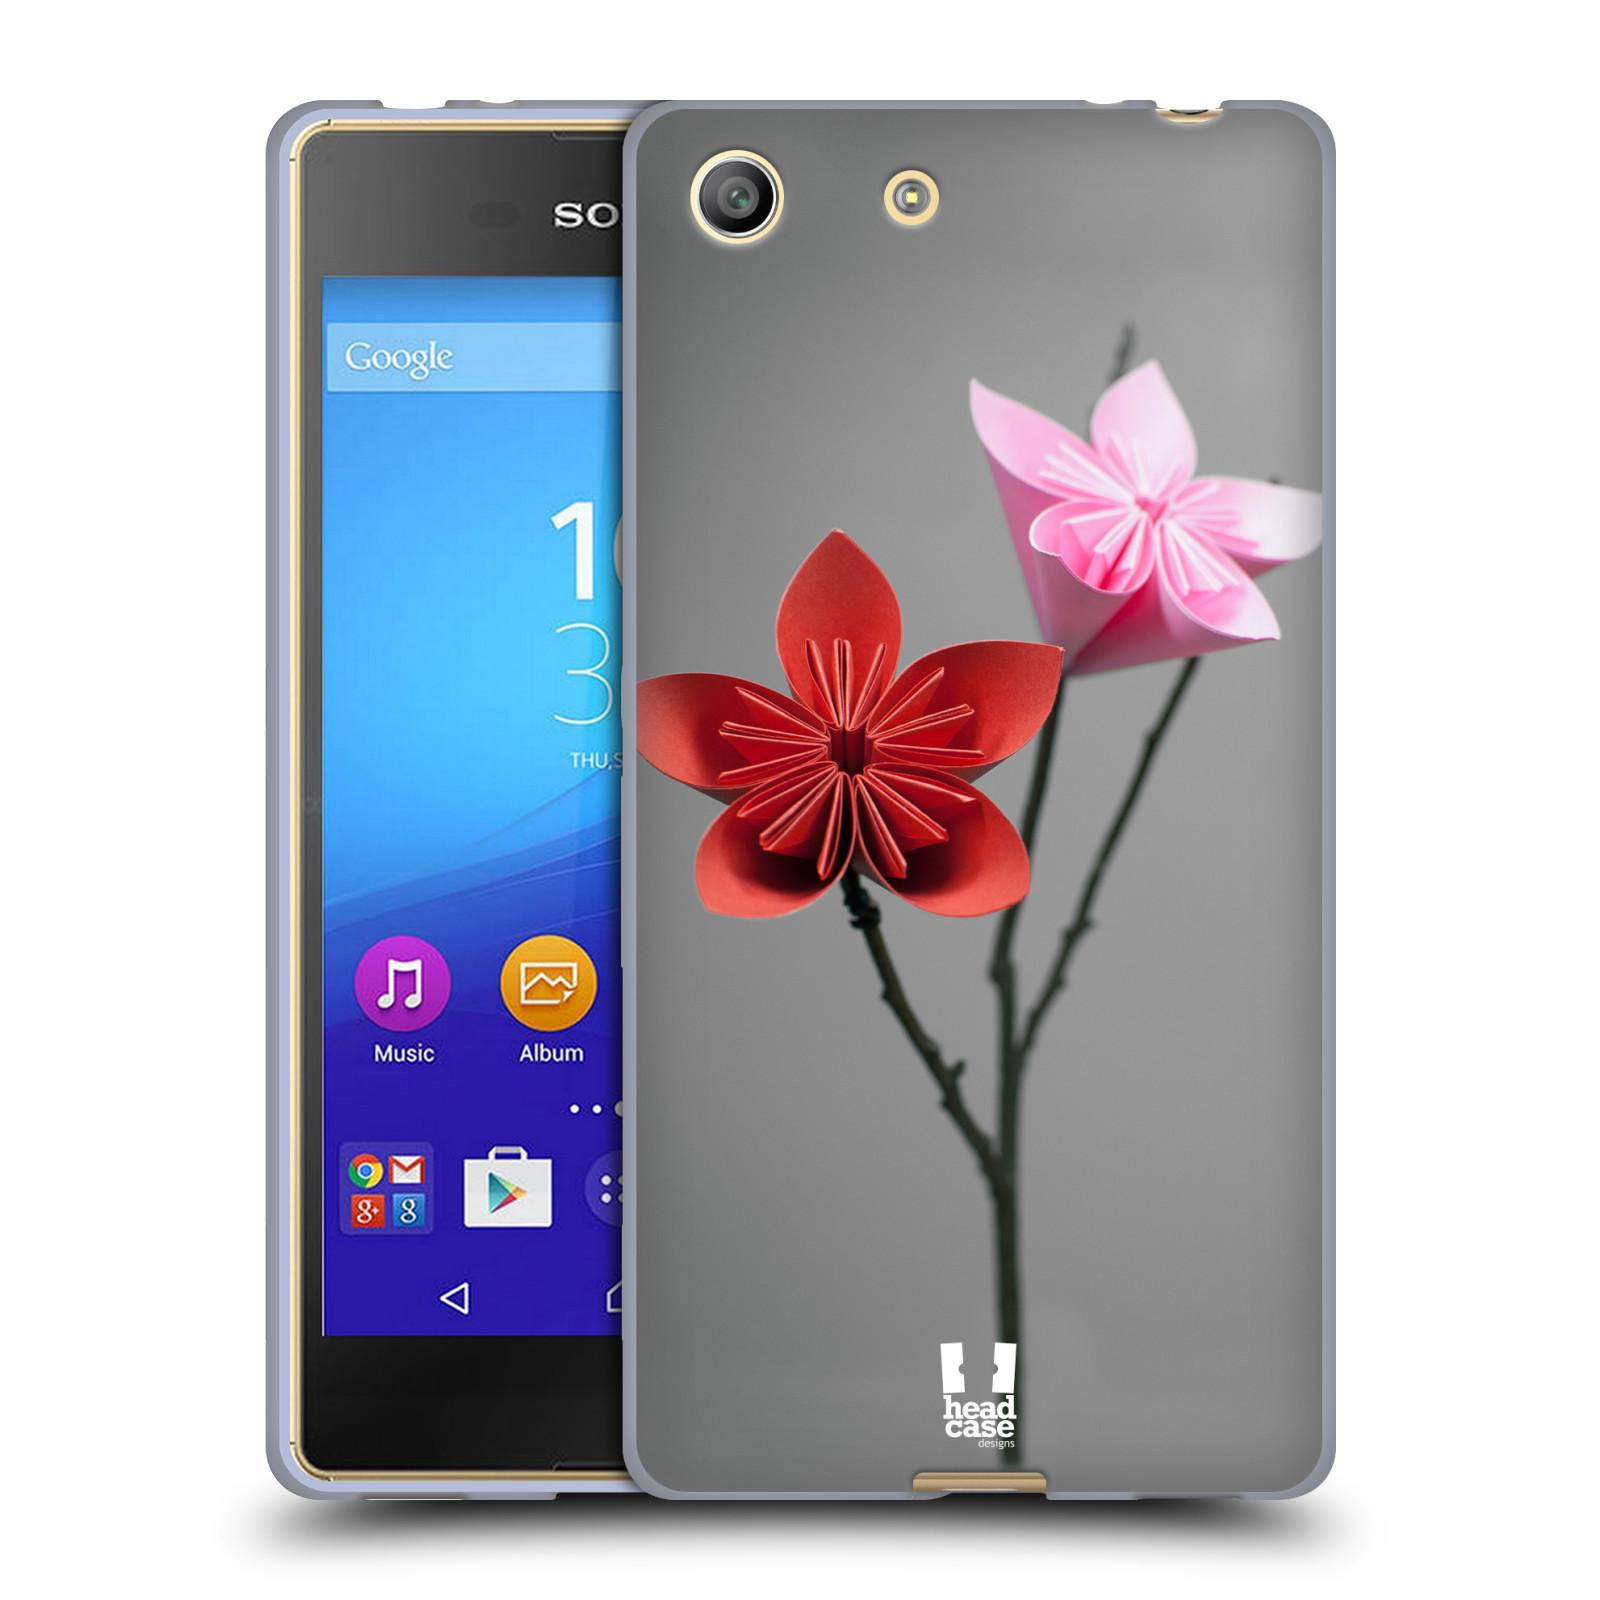 Silikonové pouzdro na mobil Sony Xperia M5 HEAD CASE KUSUDAMA (Silikonový kryt či obal na mobilní telefon Sony Xperia M5 Dual SIM / Aqua)